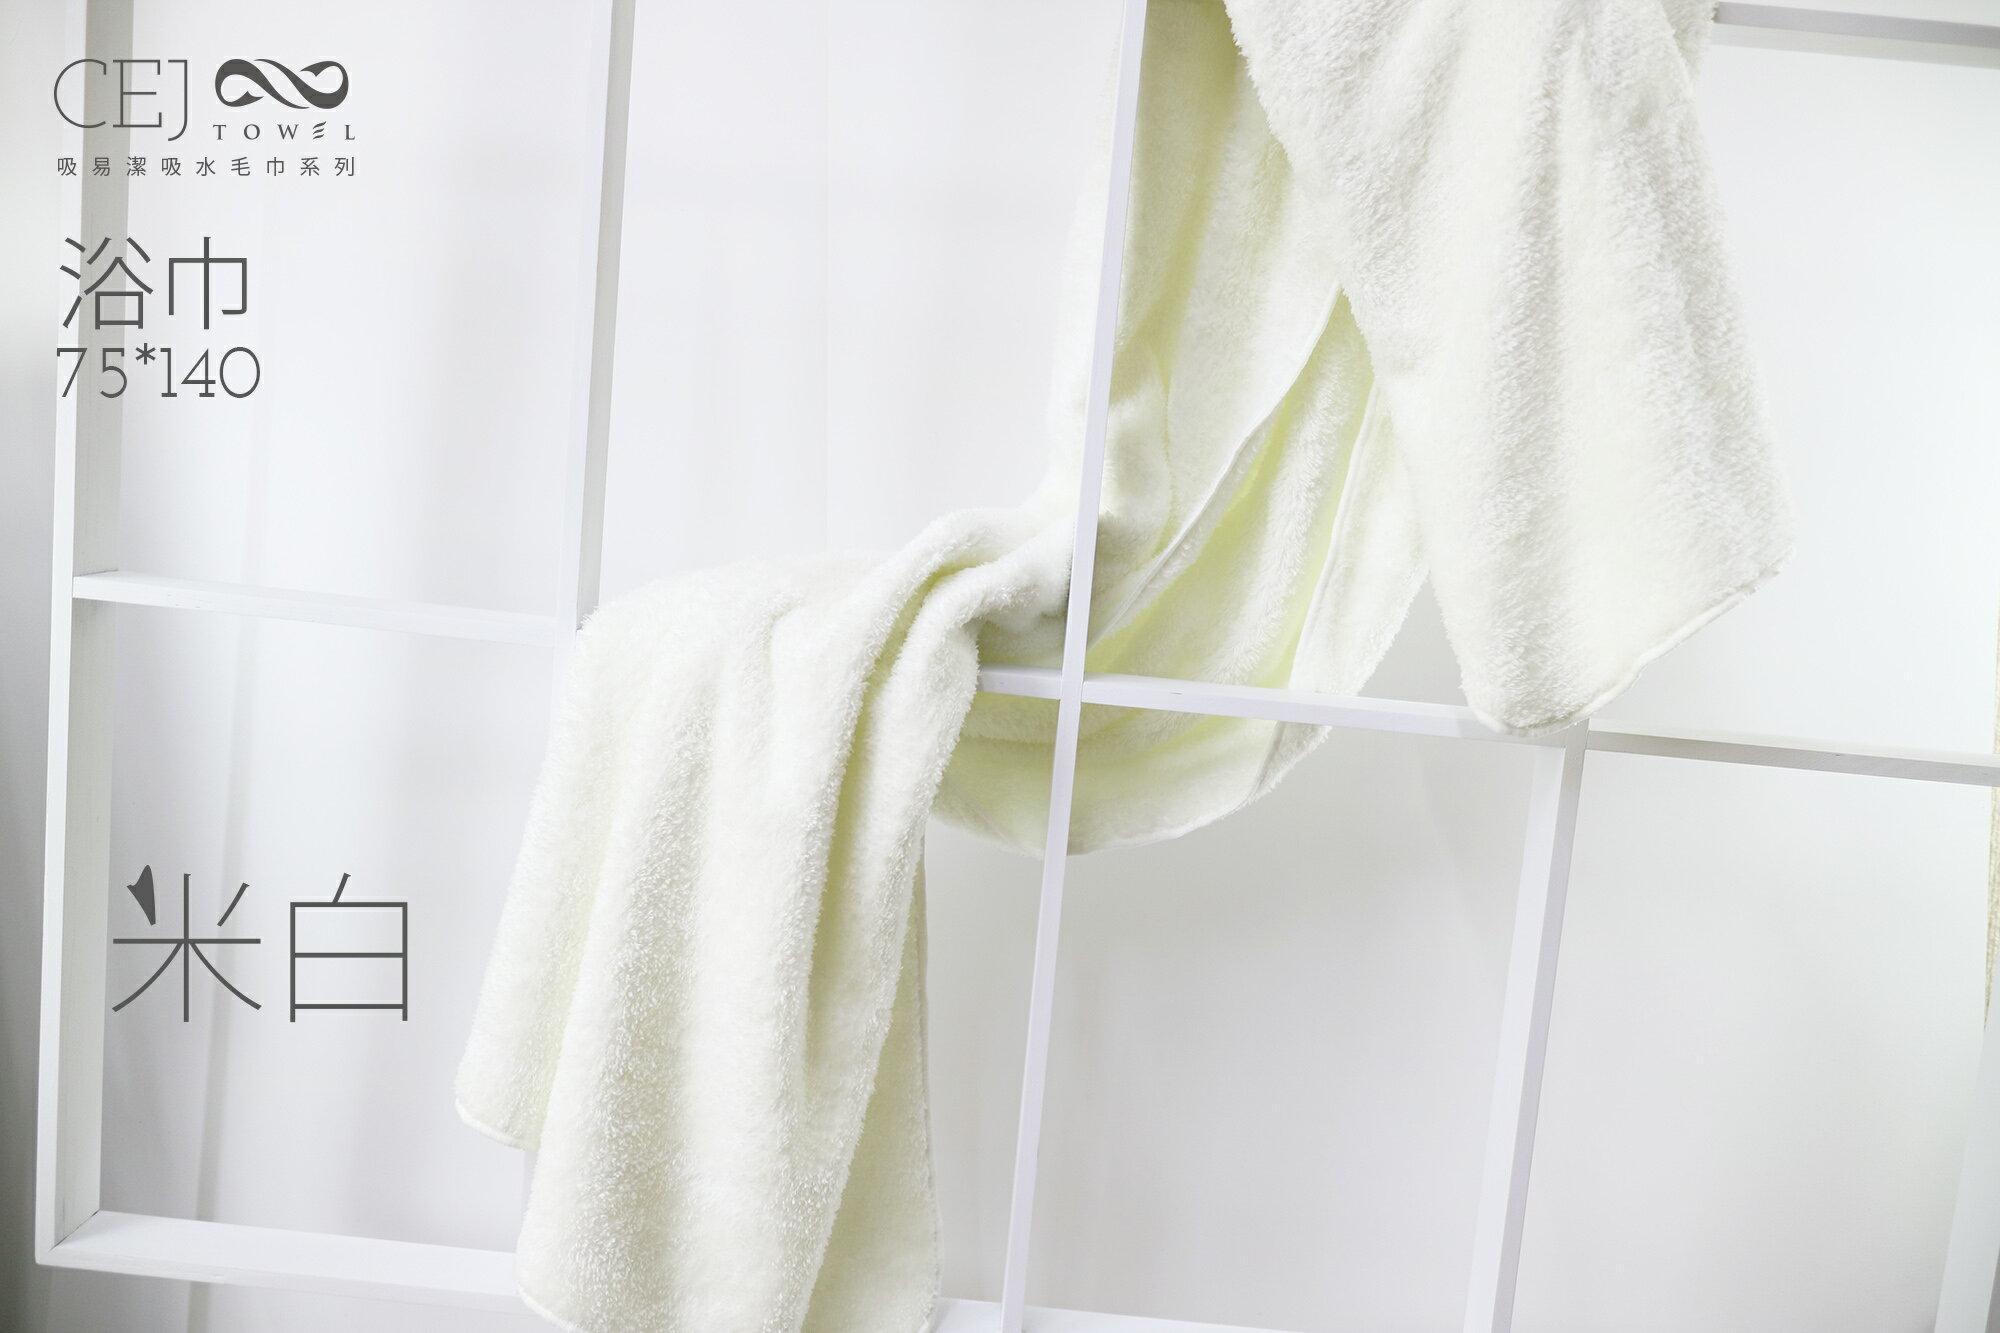 浴巾 (10色可選) |吸易潔吸水毛巾系列 /柔軟,保暖,不掉棉絮